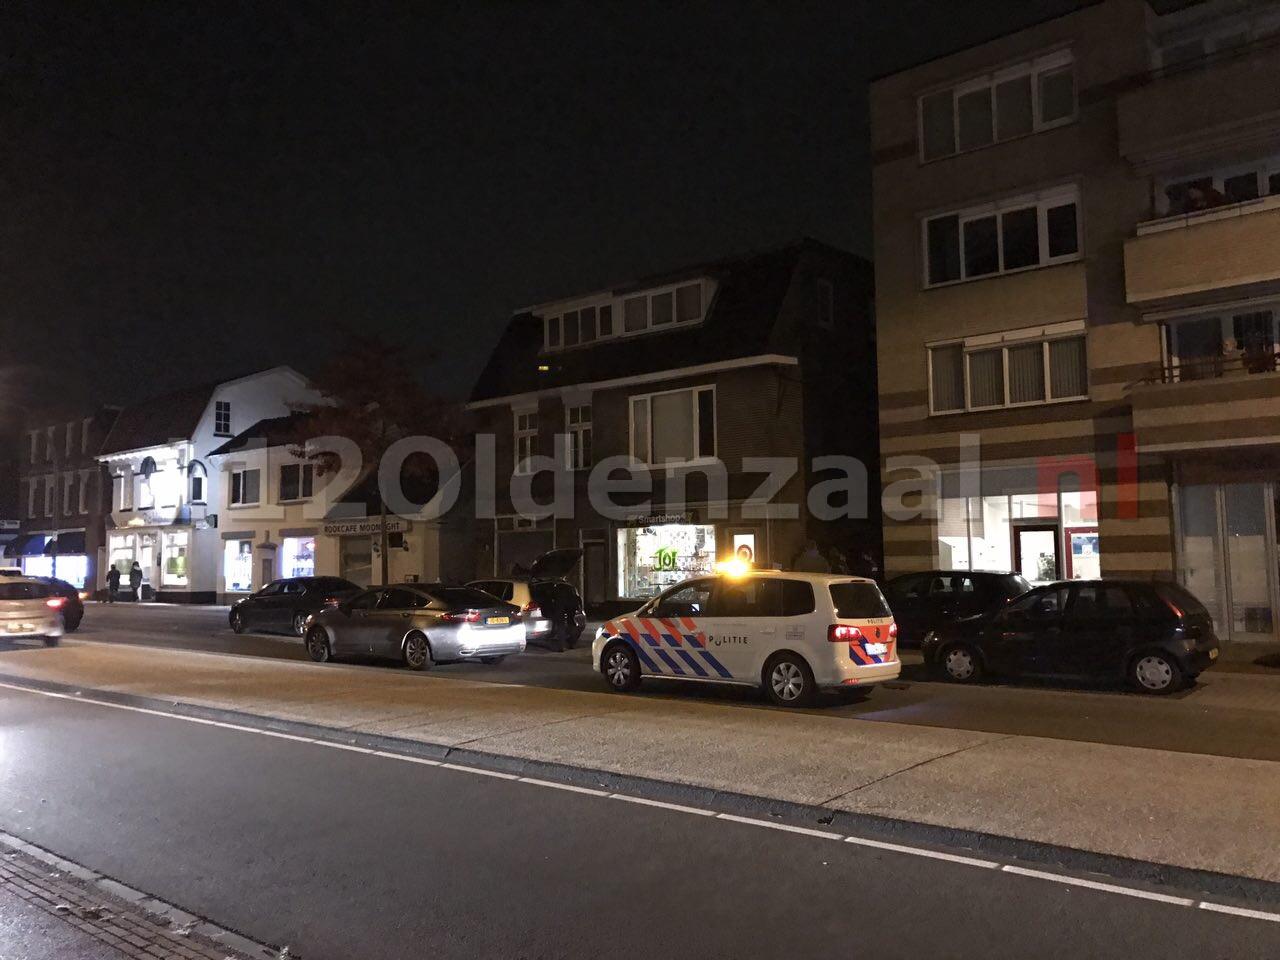 Foto: Politie doet inval panden Bornsestraat Hengelo